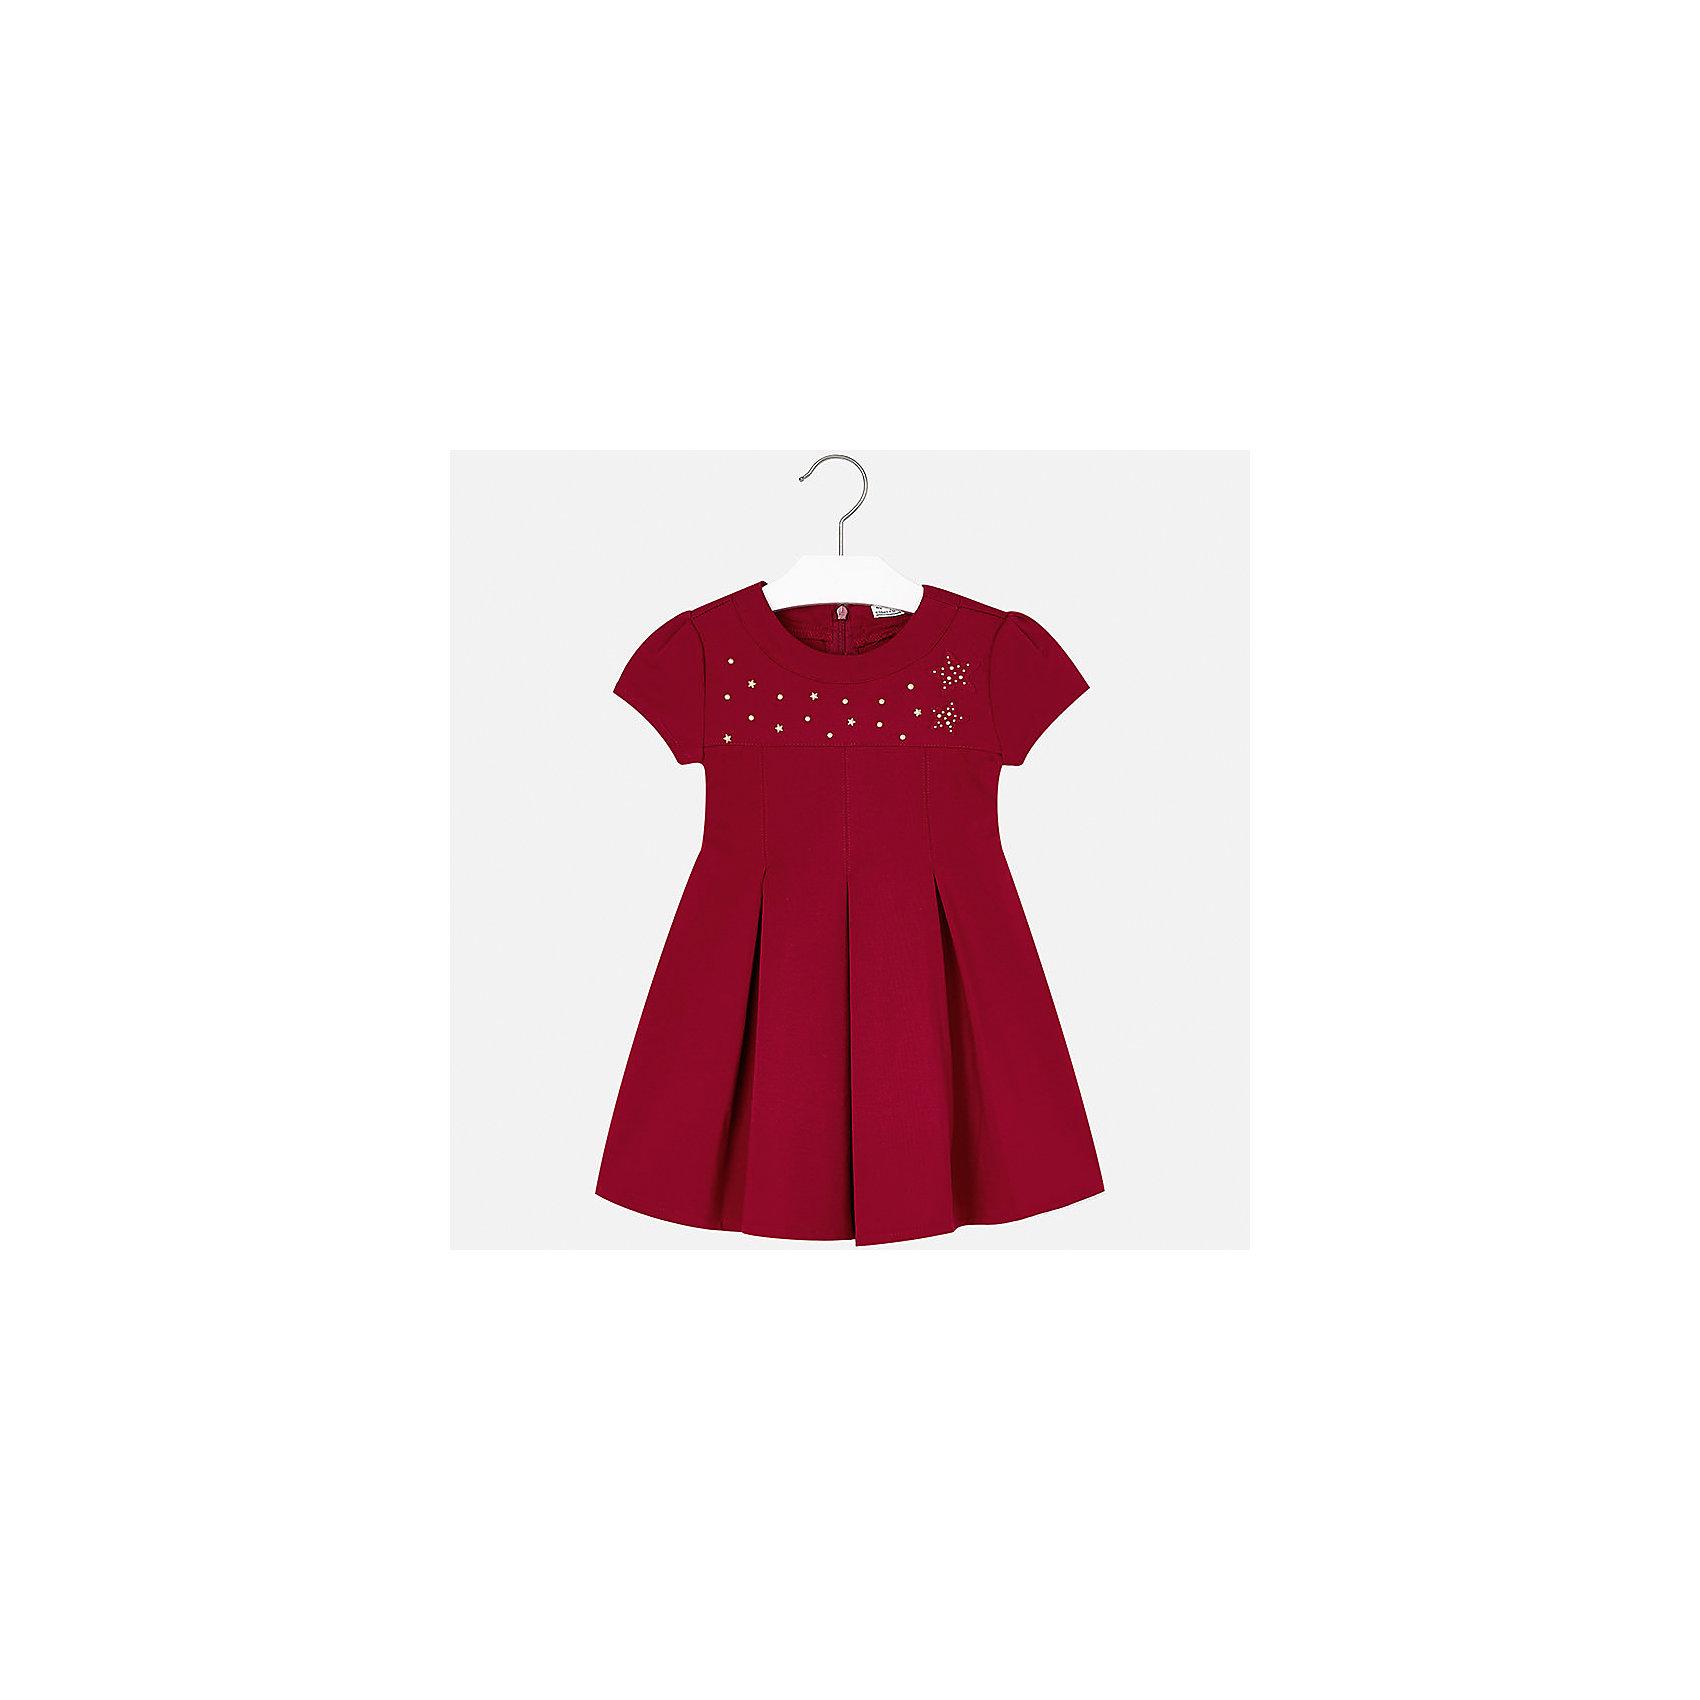 Платье для девочки MayoralОсенне-зимние платья и сарафаны<br>Характеристики товара:<br><br>• цвет: красный<br>• состав ткани: 65% вискоза, 30% полиамид, 5% эластан<br>• сезон: круглый год<br>• особенности модели: нарядная<br>• короткие рукава<br>• застежка: молния<br>• страна бренда: Испания<br>• страна изготовитель: Китай<br><br>Нарядное модное платье отличается крупными складками на подоле и интересным декором. Детское платье от бренда Майорал поможет девочке выглядеть женственно и стильно. <br><br>В одежде от испанской компании Майорал ребенок будет выглядеть модно, а чувствовать себя - комфортно. Целая команда европейских талантливых дизайнеров работает над созданием стильных и оригинальных моделей одежды.<br><br>Платье для девочки Mayoral (Майорал) можно купить в нашем интернет-магазине.<br><br>Ширина мм: 236<br>Глубина мм: 16<br>Высота мм: 184<br>Вес г: 177<br>Цвет: красный<br>Возраст от месяцев: 96<br>Возраст до месяцев: 108<br>Пол: Женский<br>Возраст: Детский<br>Размер: 98,104,110,116,122,128,134<br>SKU: 6923208